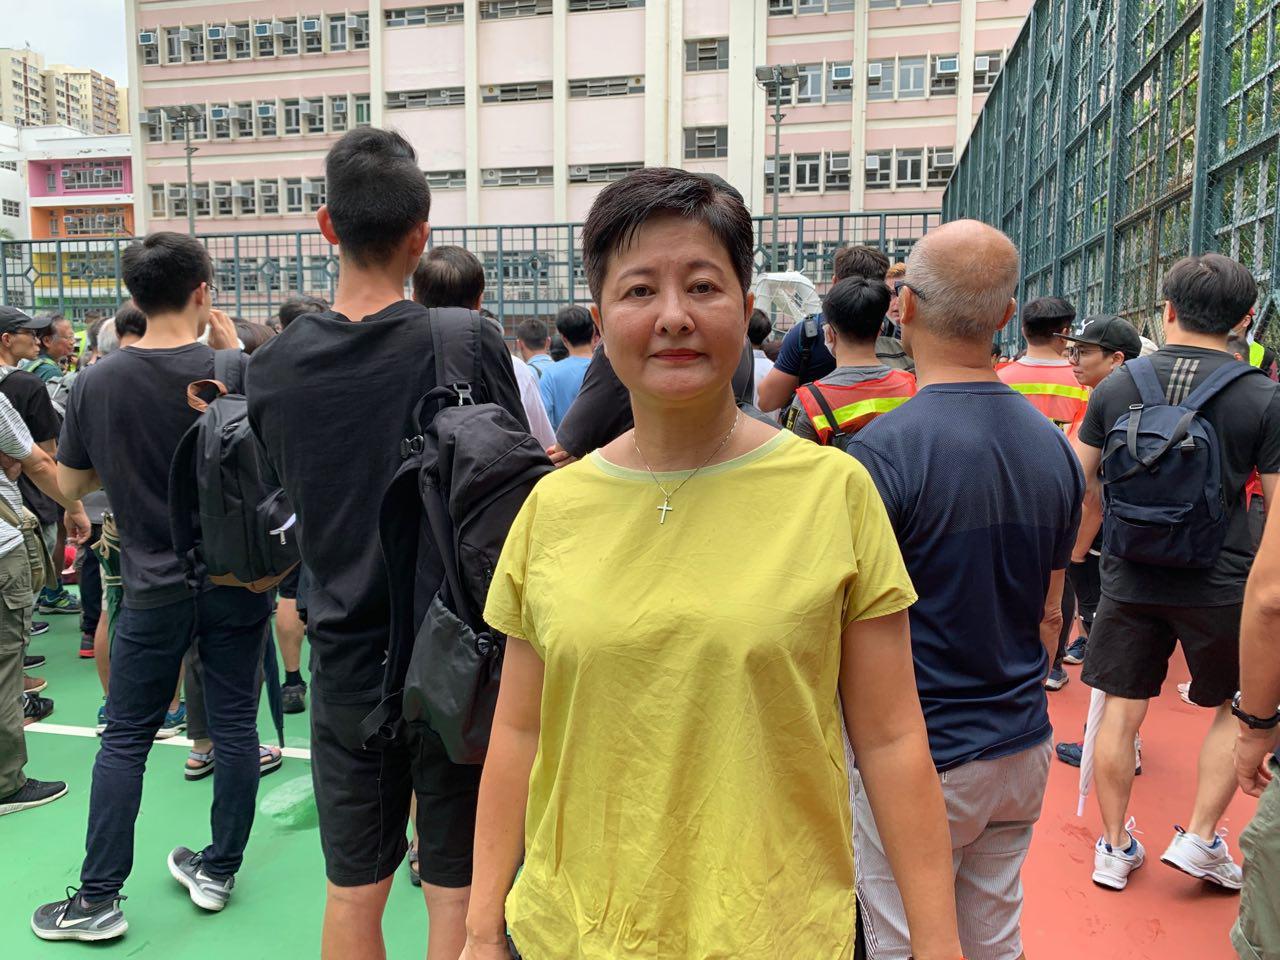 8月3日下午黃碧雲議員出席旺角聲援反送中集會。(駱亞/ 大紀元)